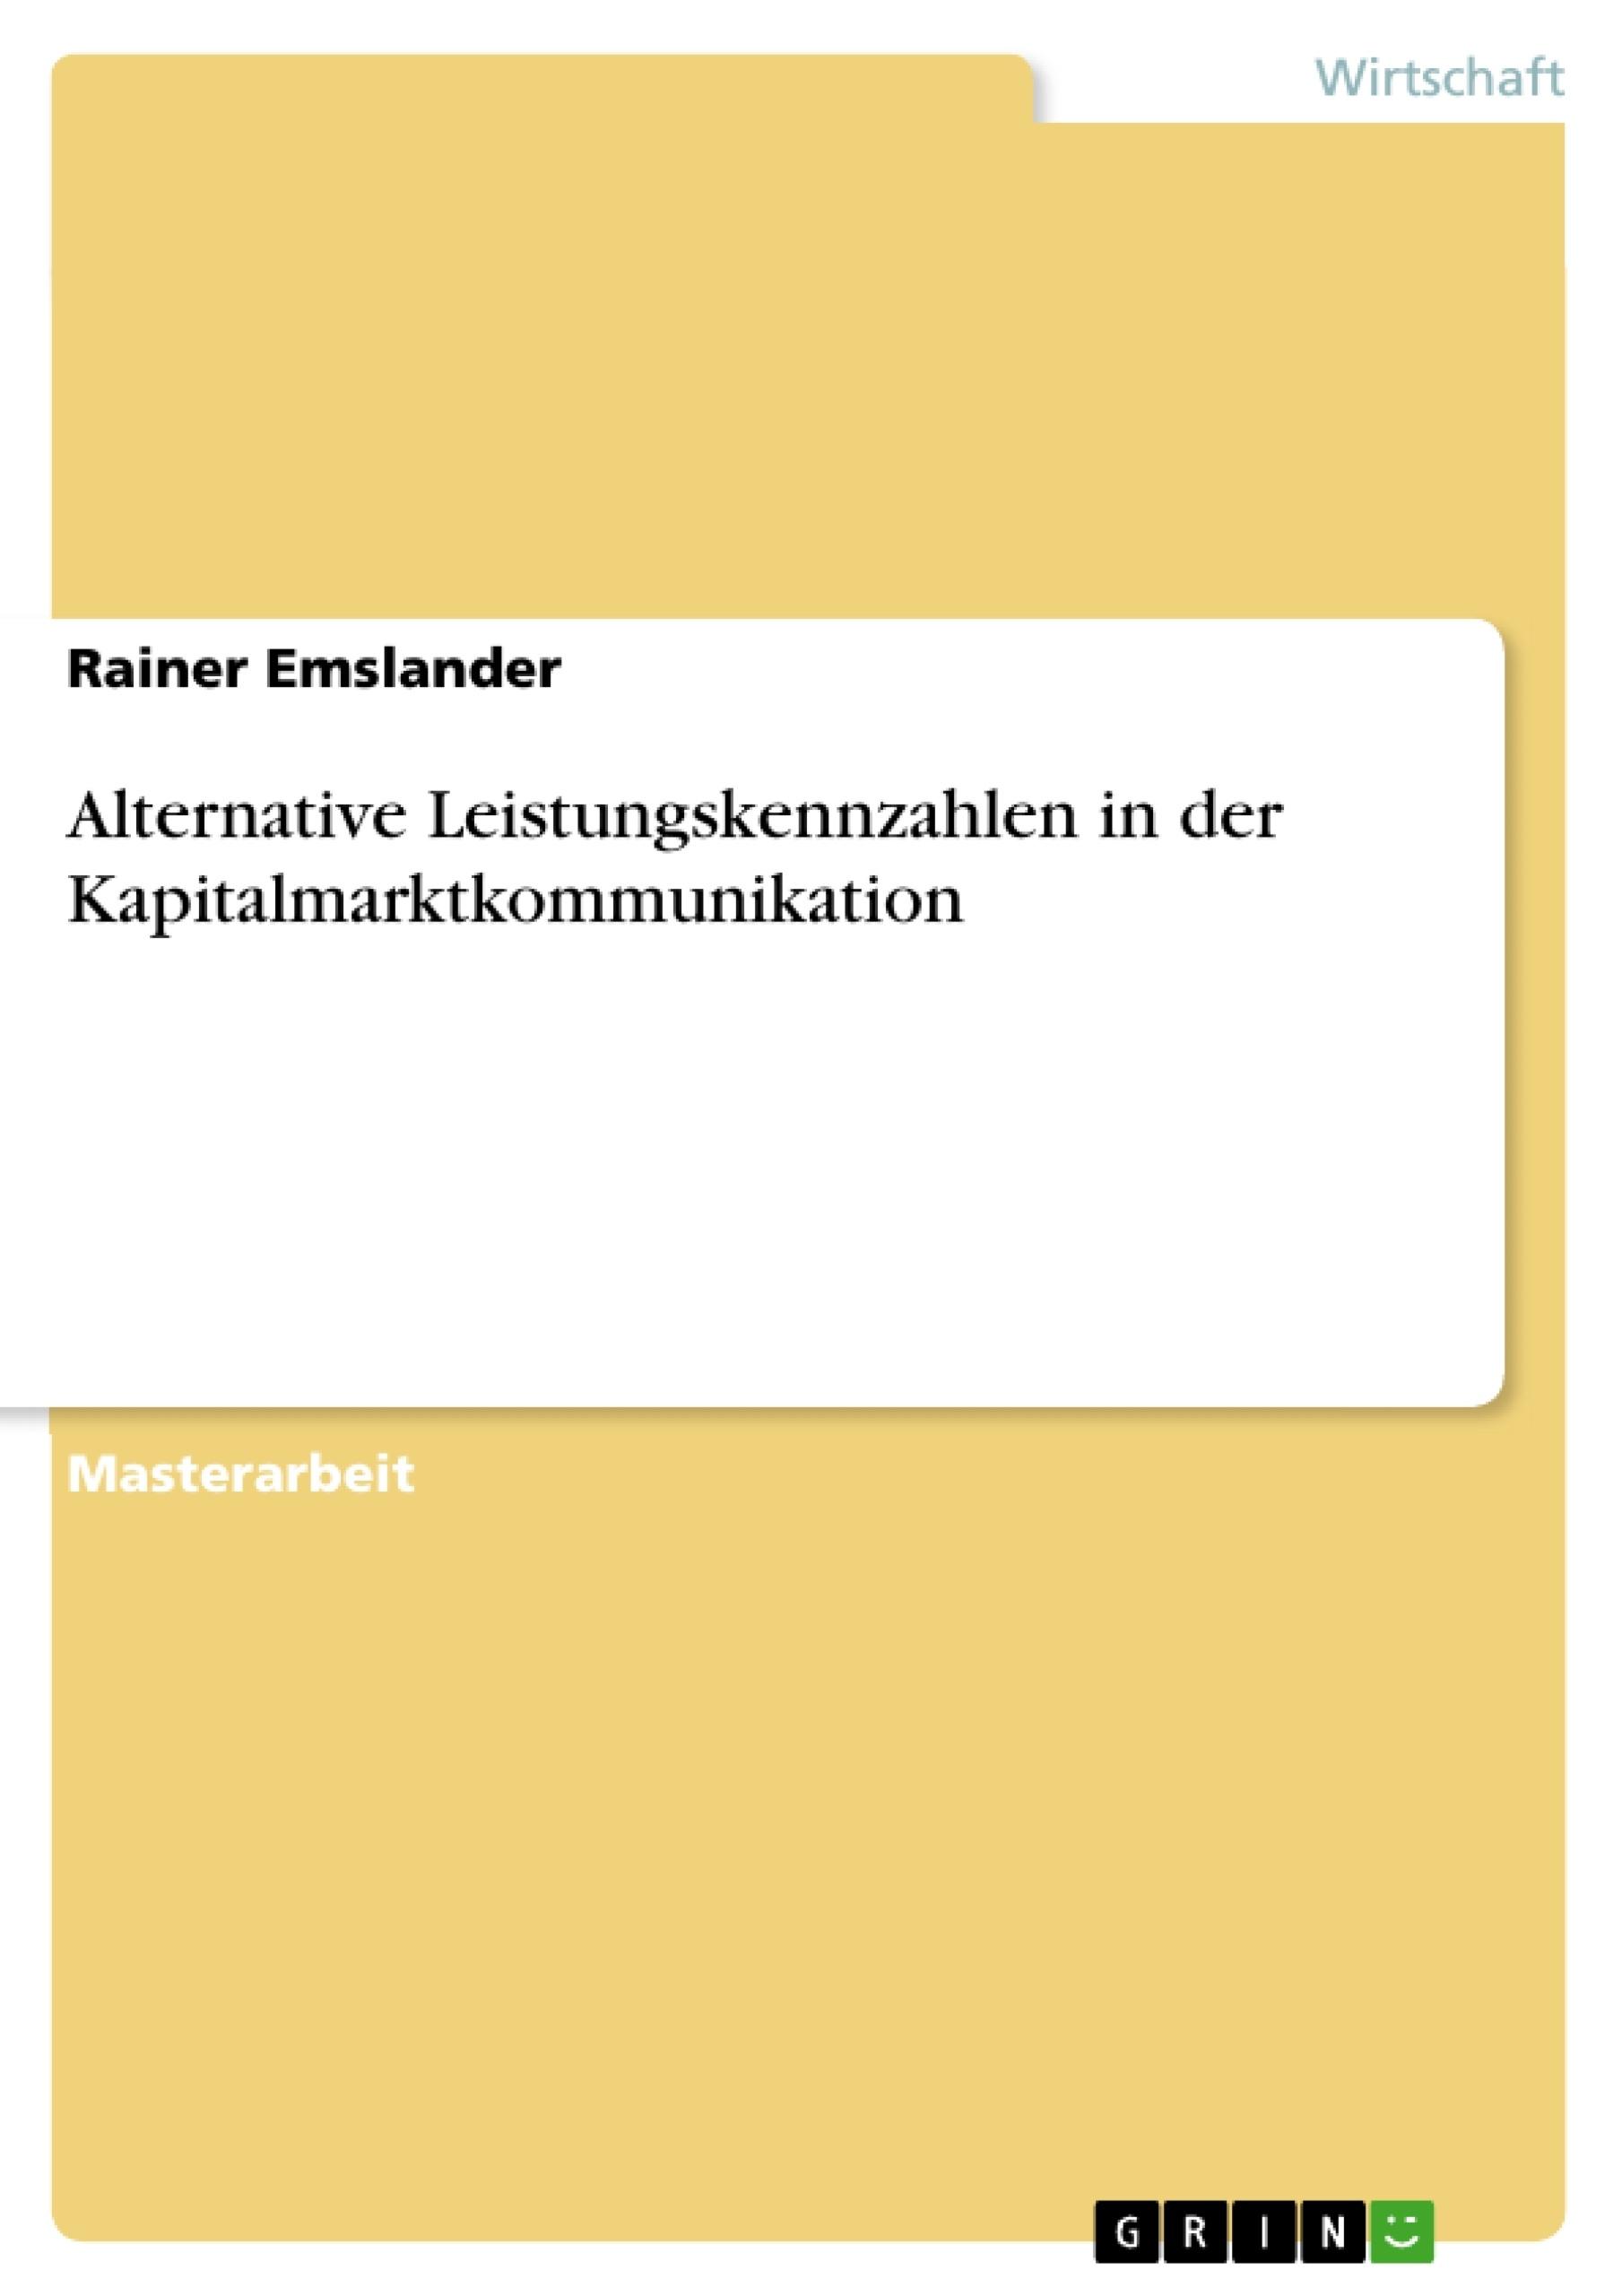 Titel: Alternative Leistungskennzahlen in der Kapitalmarktkommunikation